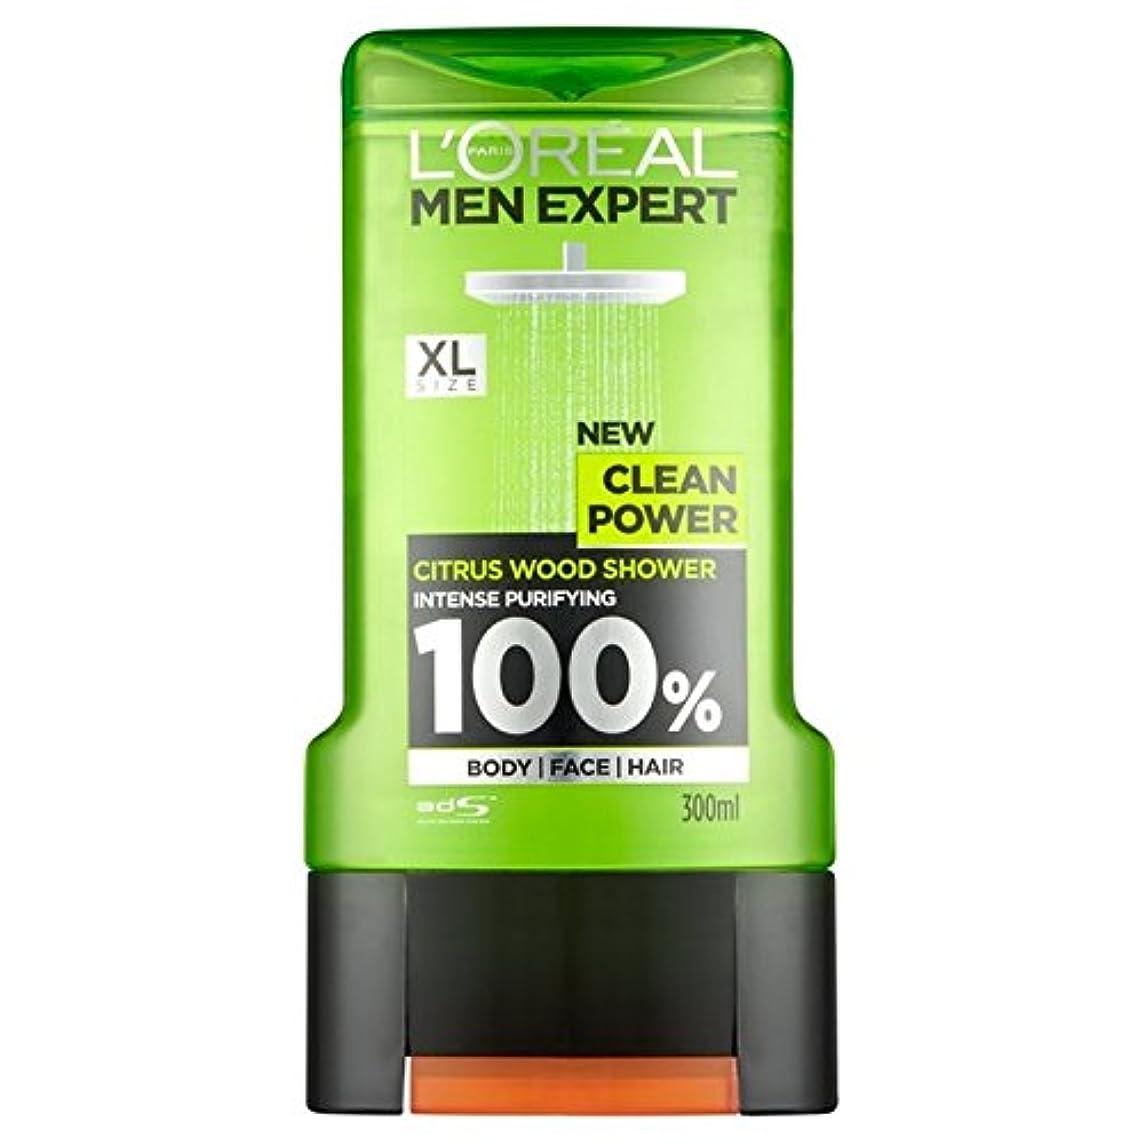 売上高実証するアンソロジーロレアルパリの男性の専門家クリーンパワーシャワージェル300ミリリットル x4 - L'Oreal Paris Men Expert Clean Power Shower Gel 300ml (Pack of 4) [並行輸入品]